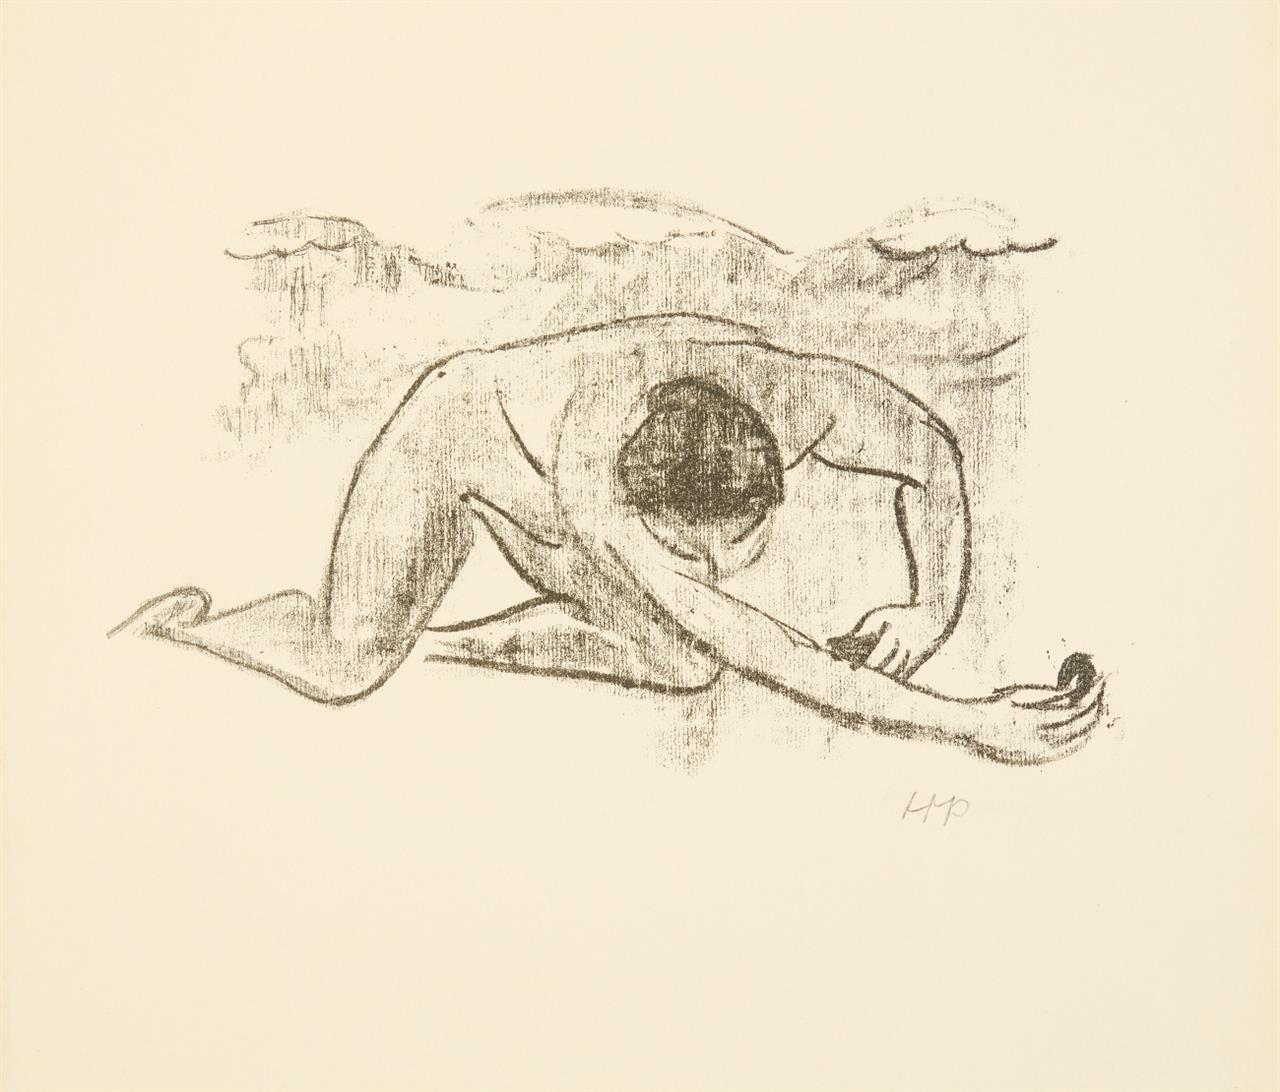 Hermann Max Pechstein. Im Wasser I (aus: Heinrich Lautensack, Paraphrasen). 1917/18. Lithographie. Monogrammiert. Krüger L 231.